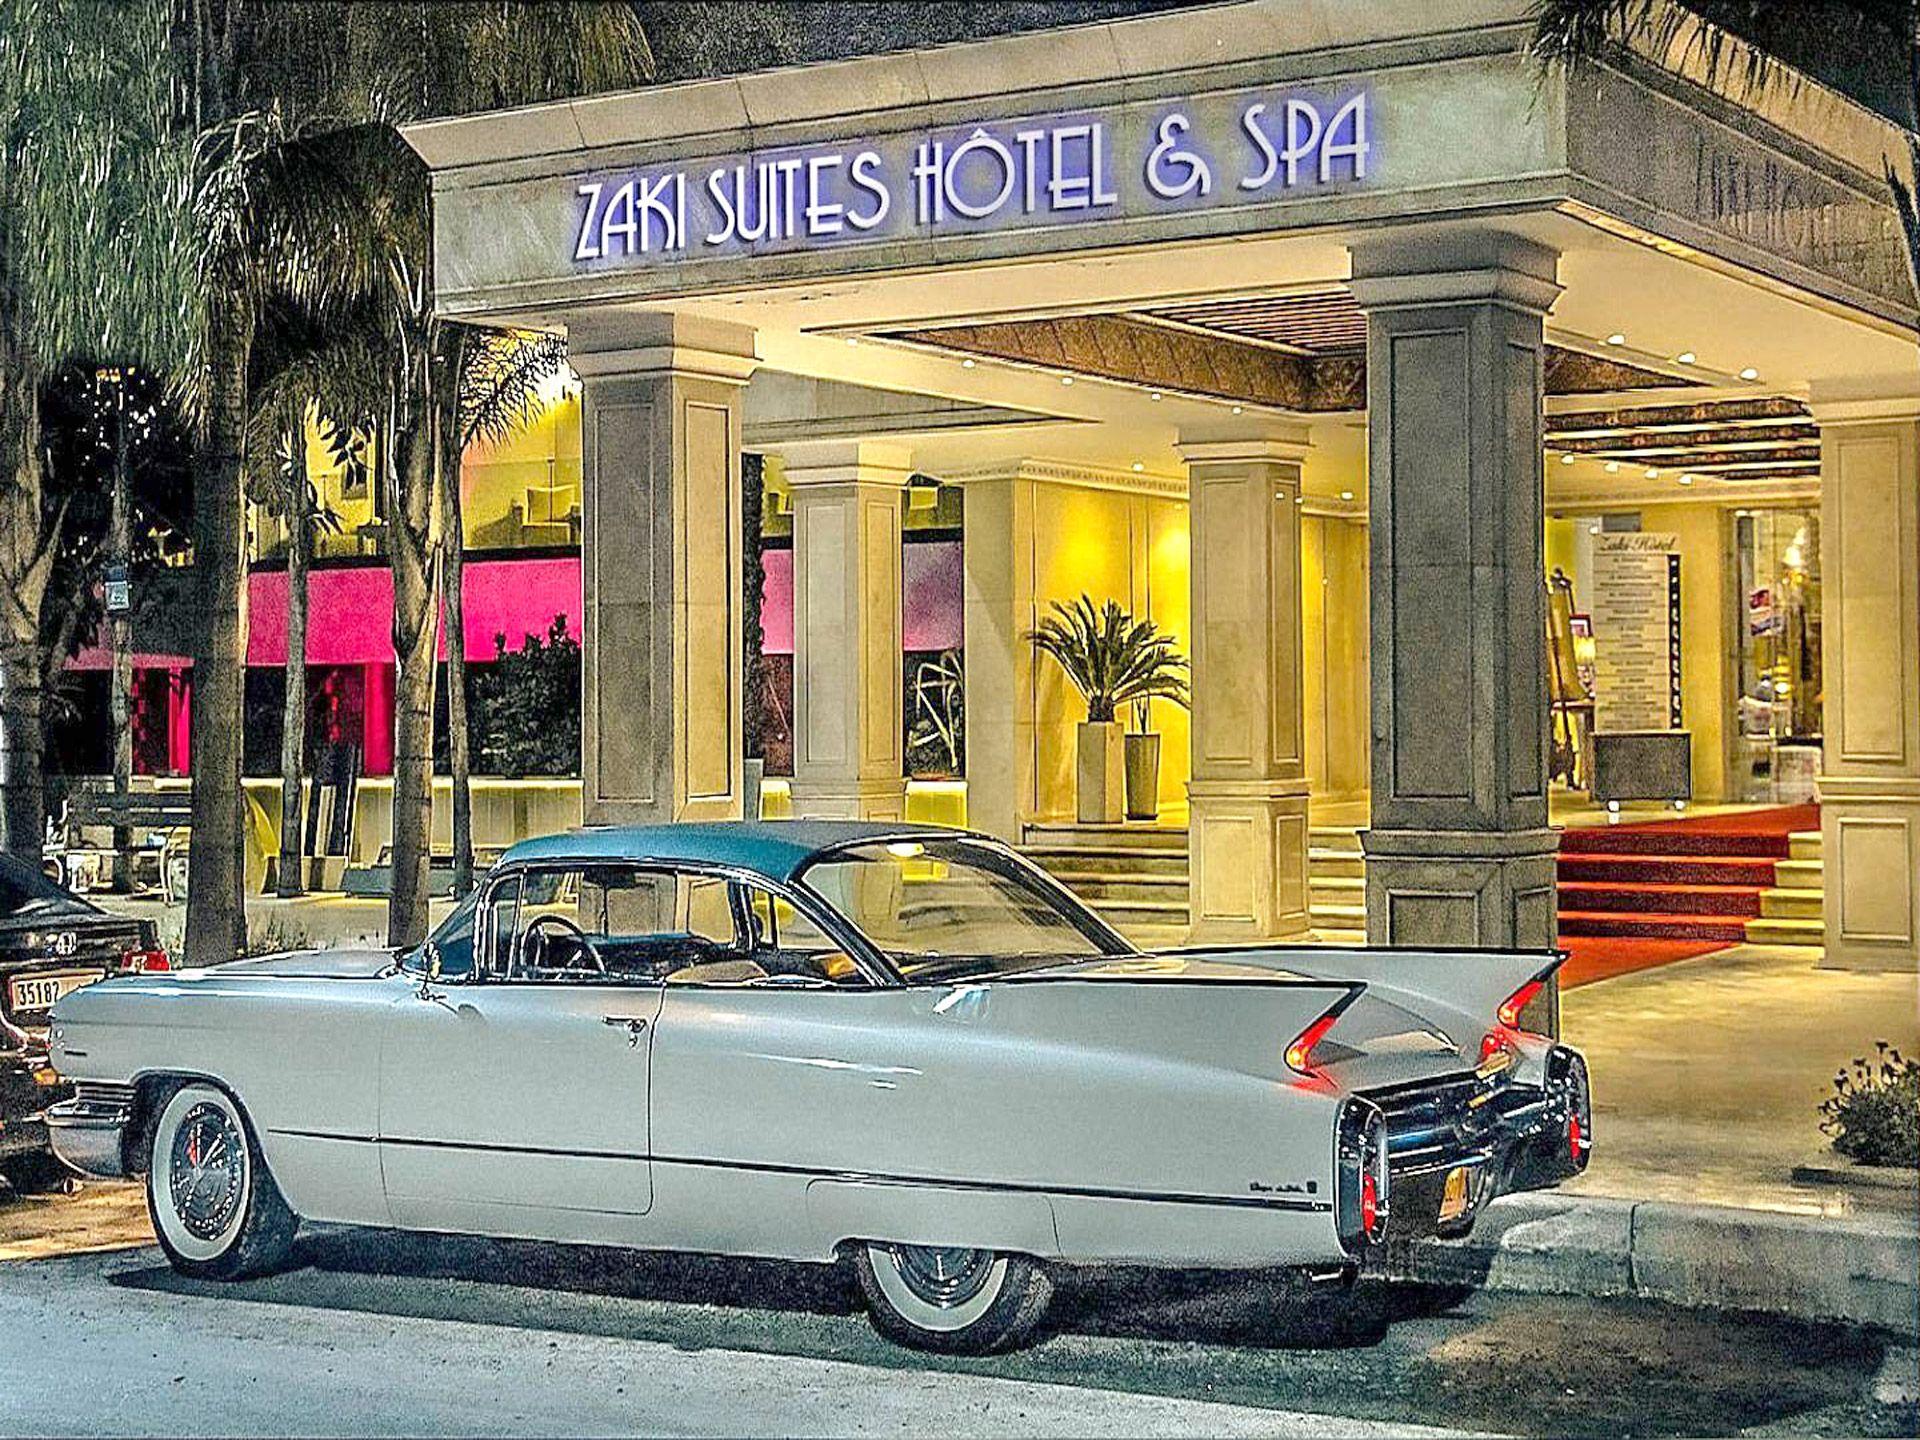 Zaki Suites Hotel & Spa - Hotel A Meknès intérieur Piscine Cadillac